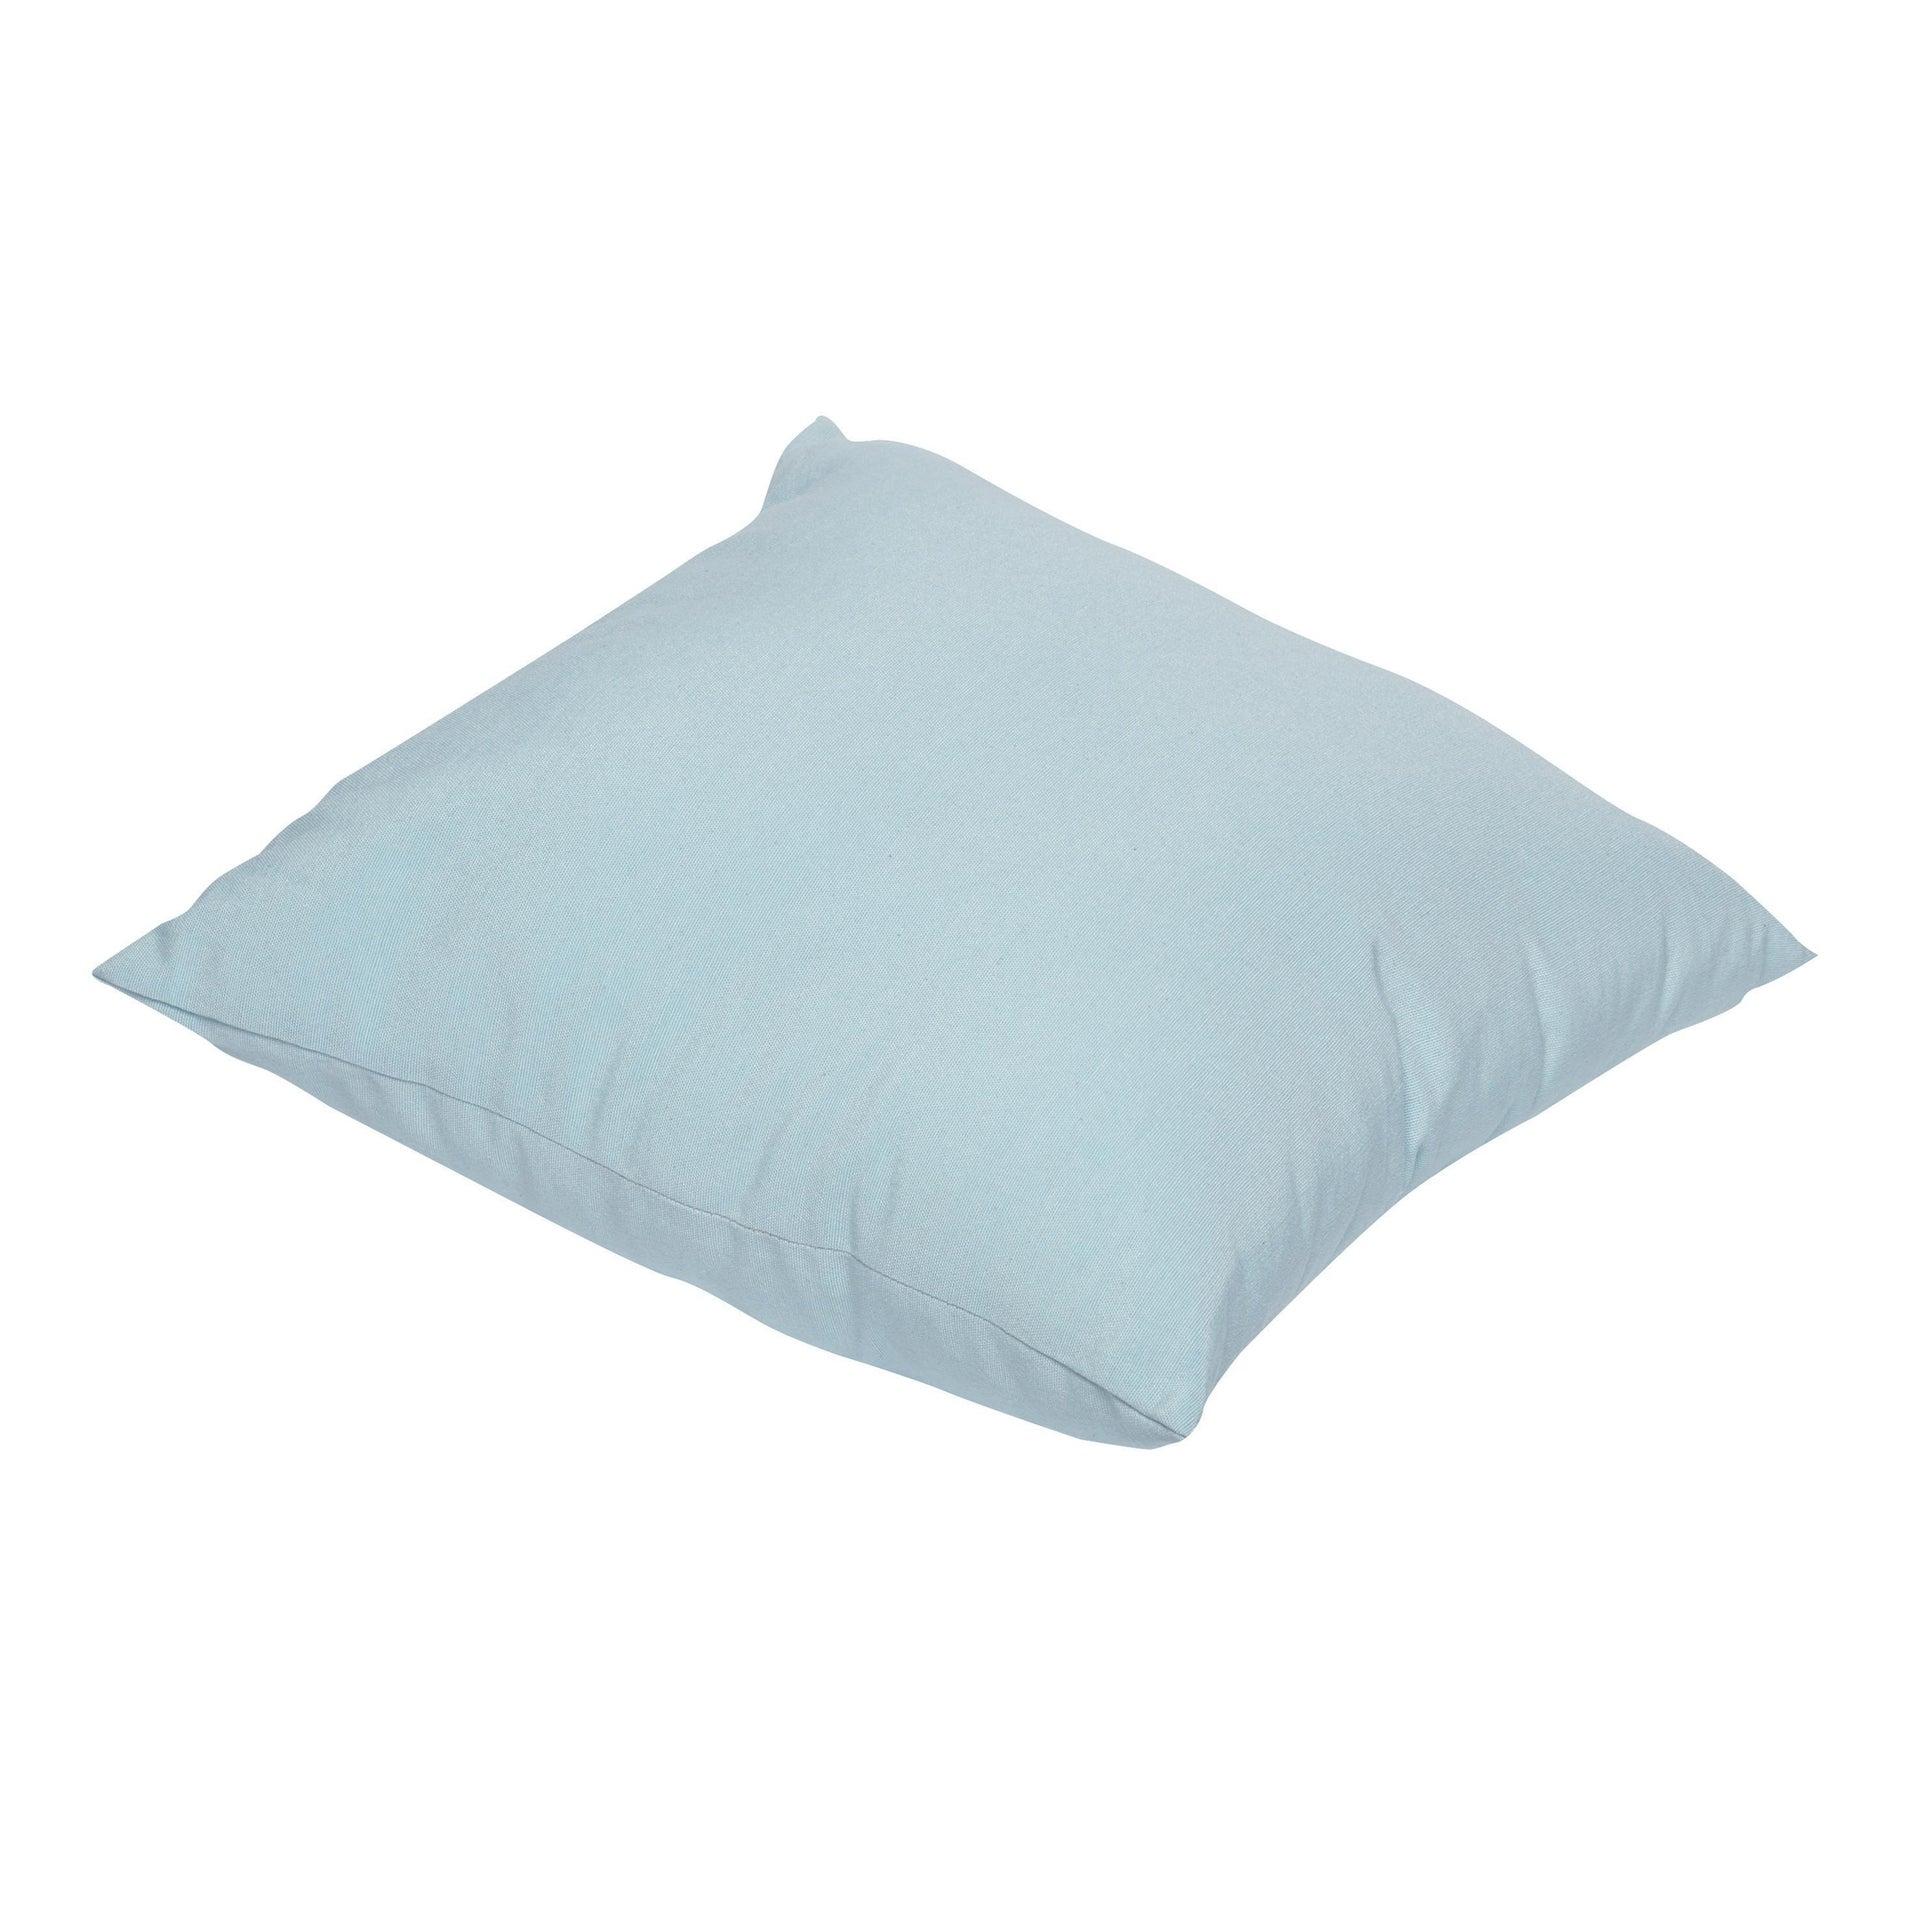 Cuscino INSPIRE Lea azzurro 40x40 cm - 2